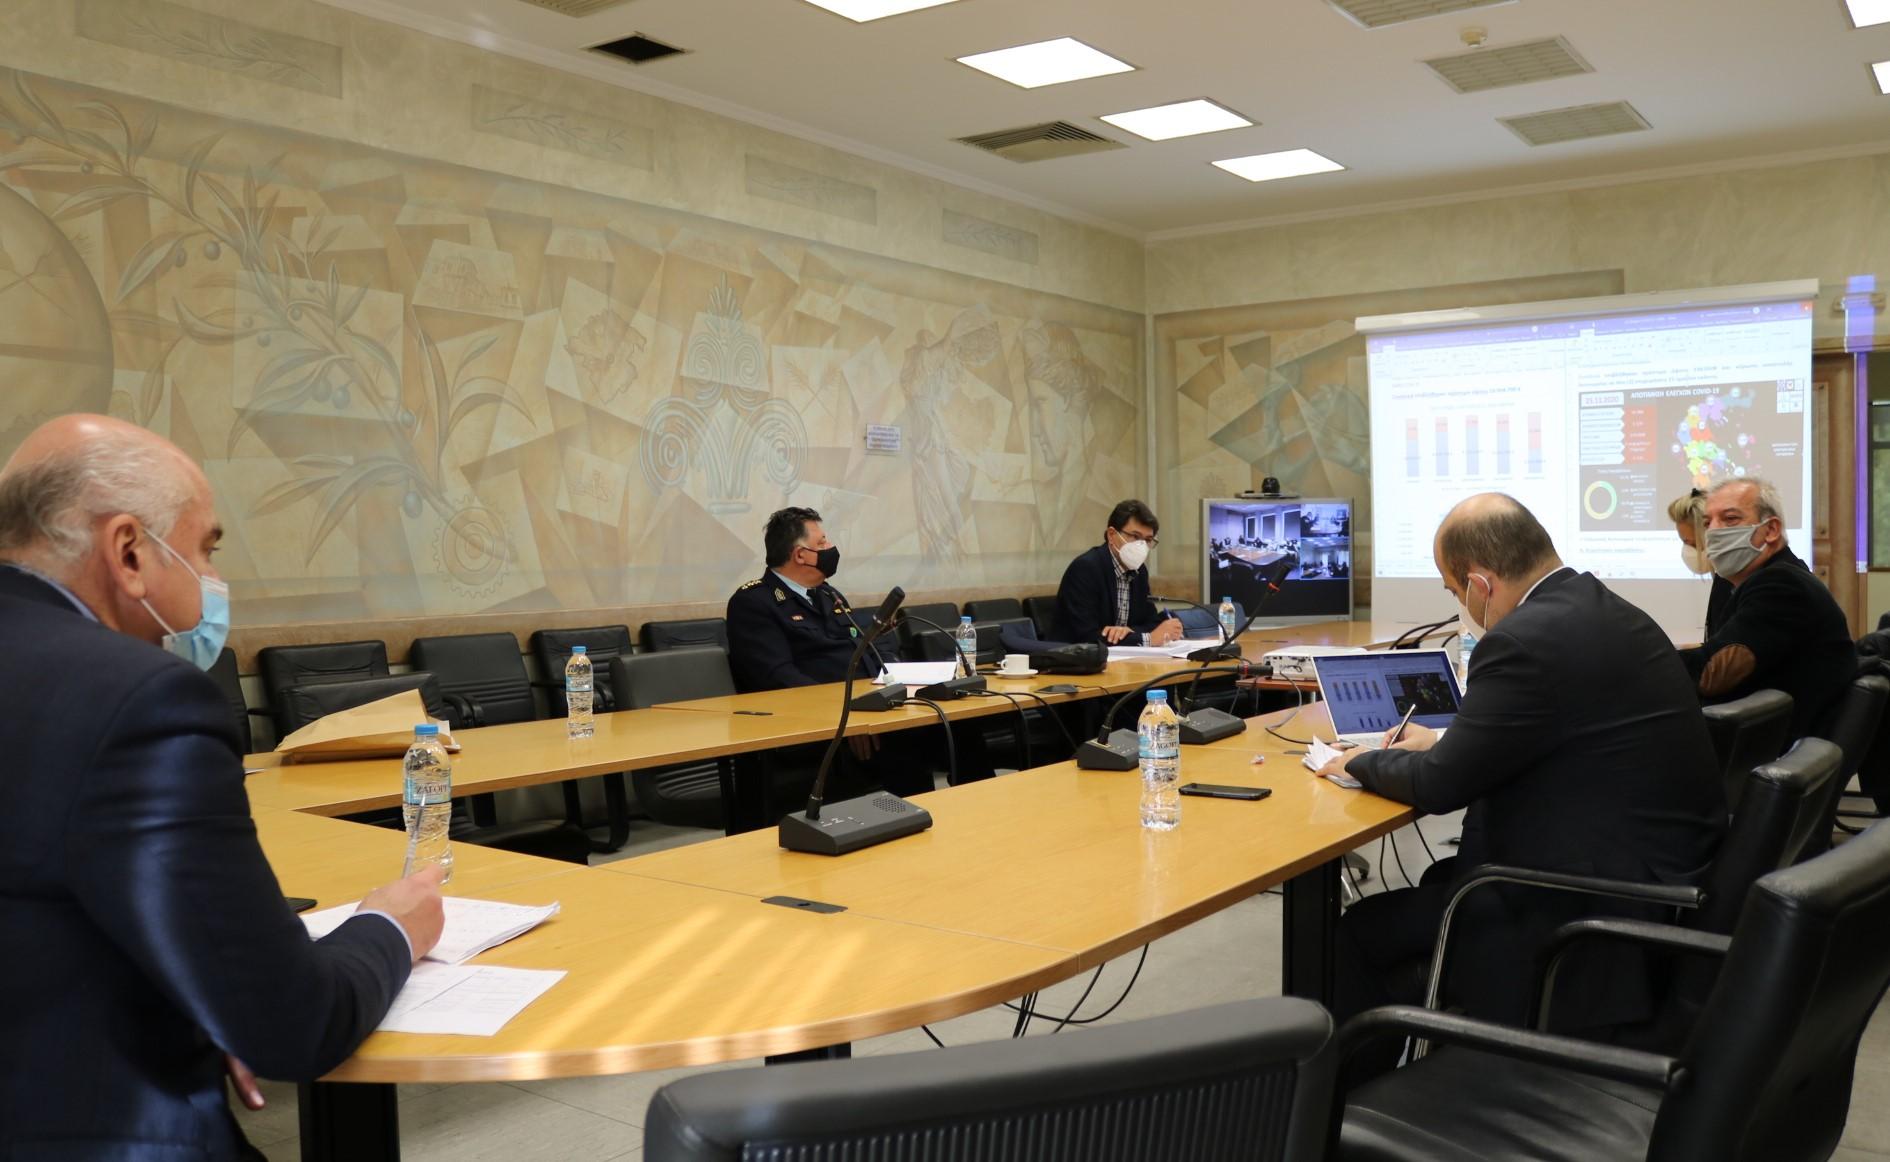 Κορονοϊός: Μεικτά κλιμάκια και αυξημένοι έλεγχοι για την τήρηση των μέτρων στη Θράκη